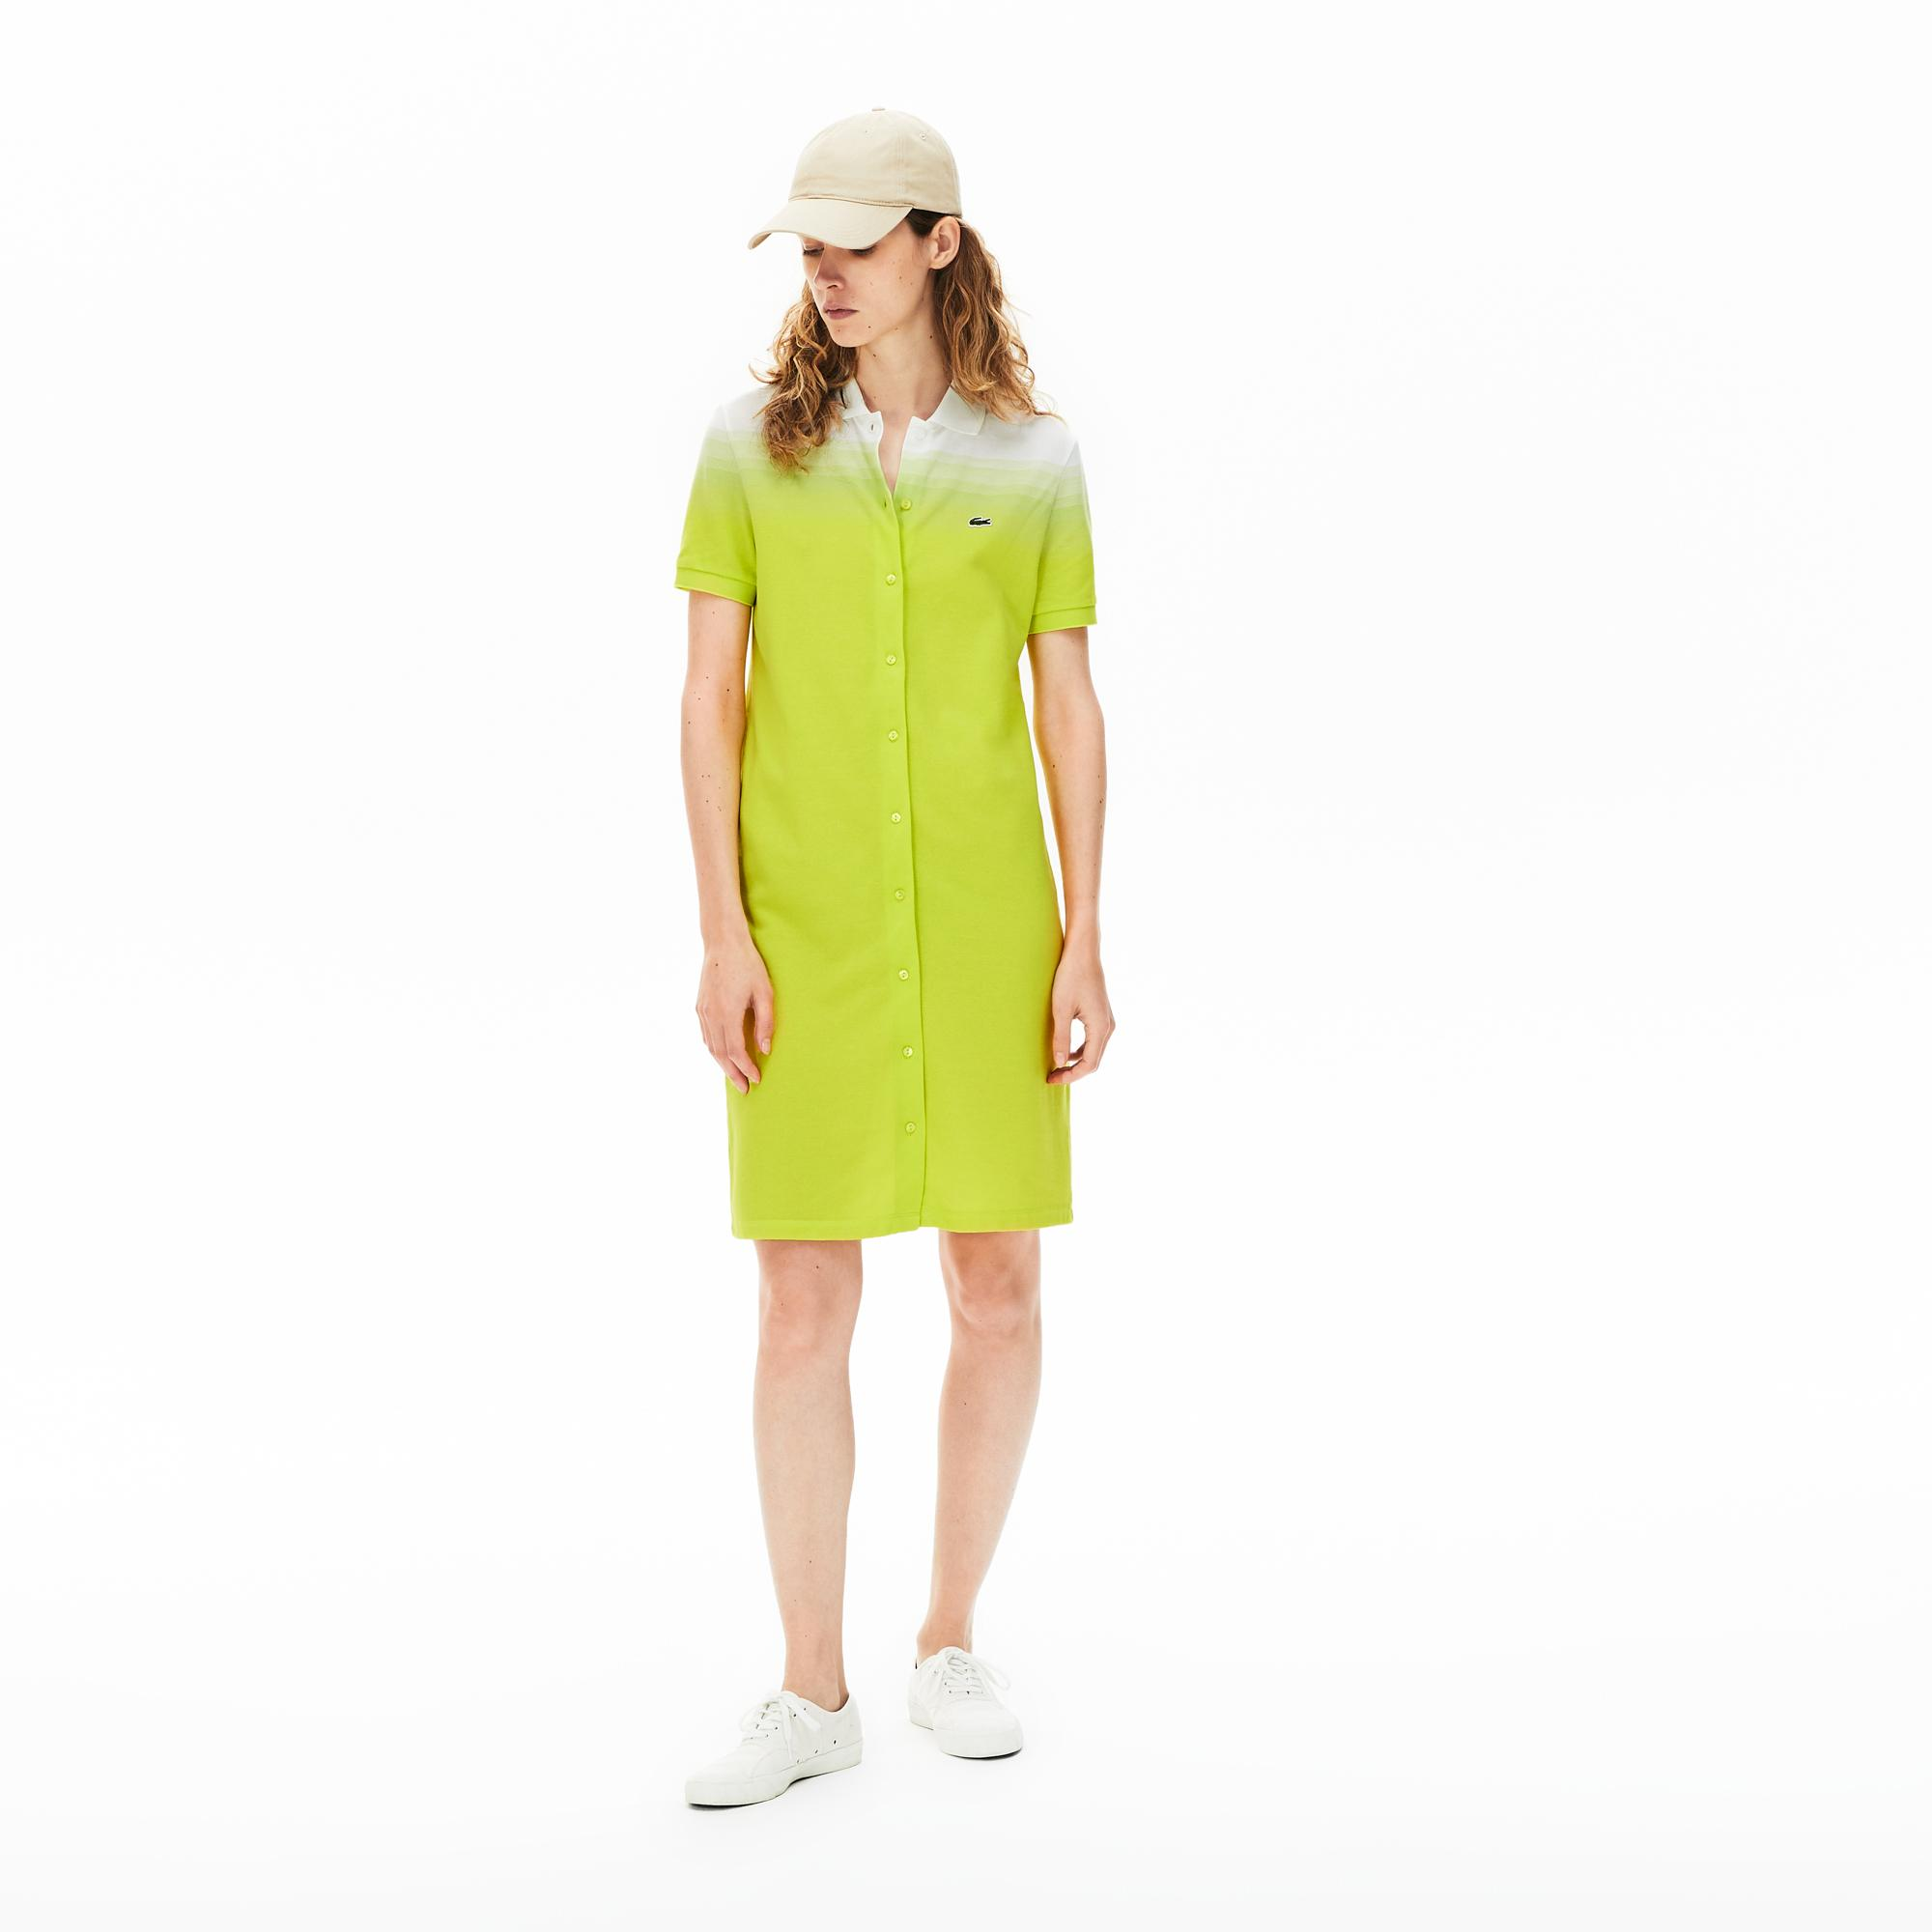 Lacoste Kadın Polo Yaka Degrade Kısa Kollu Sarı - Beyaz Elbise